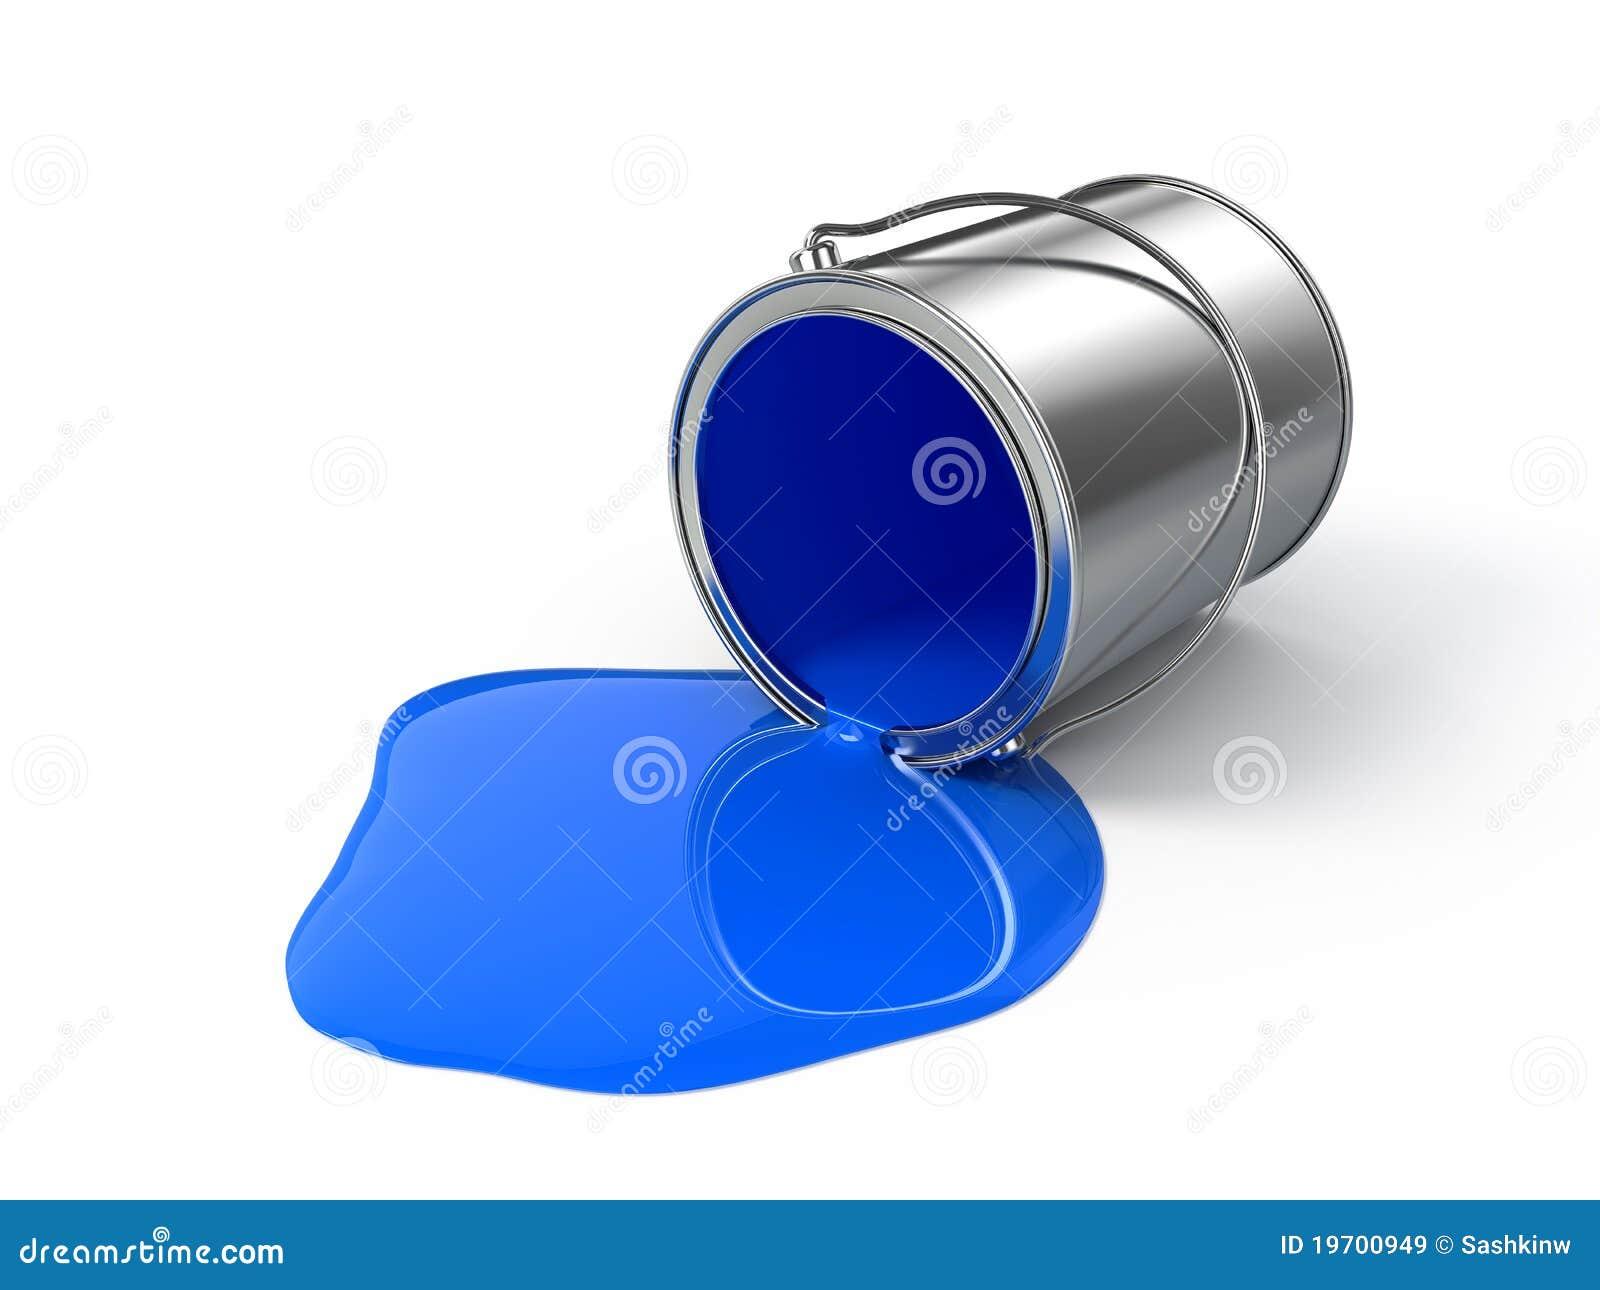 Spilld blå målarfärg stock illustrationer. Bild av blooping - 19700949